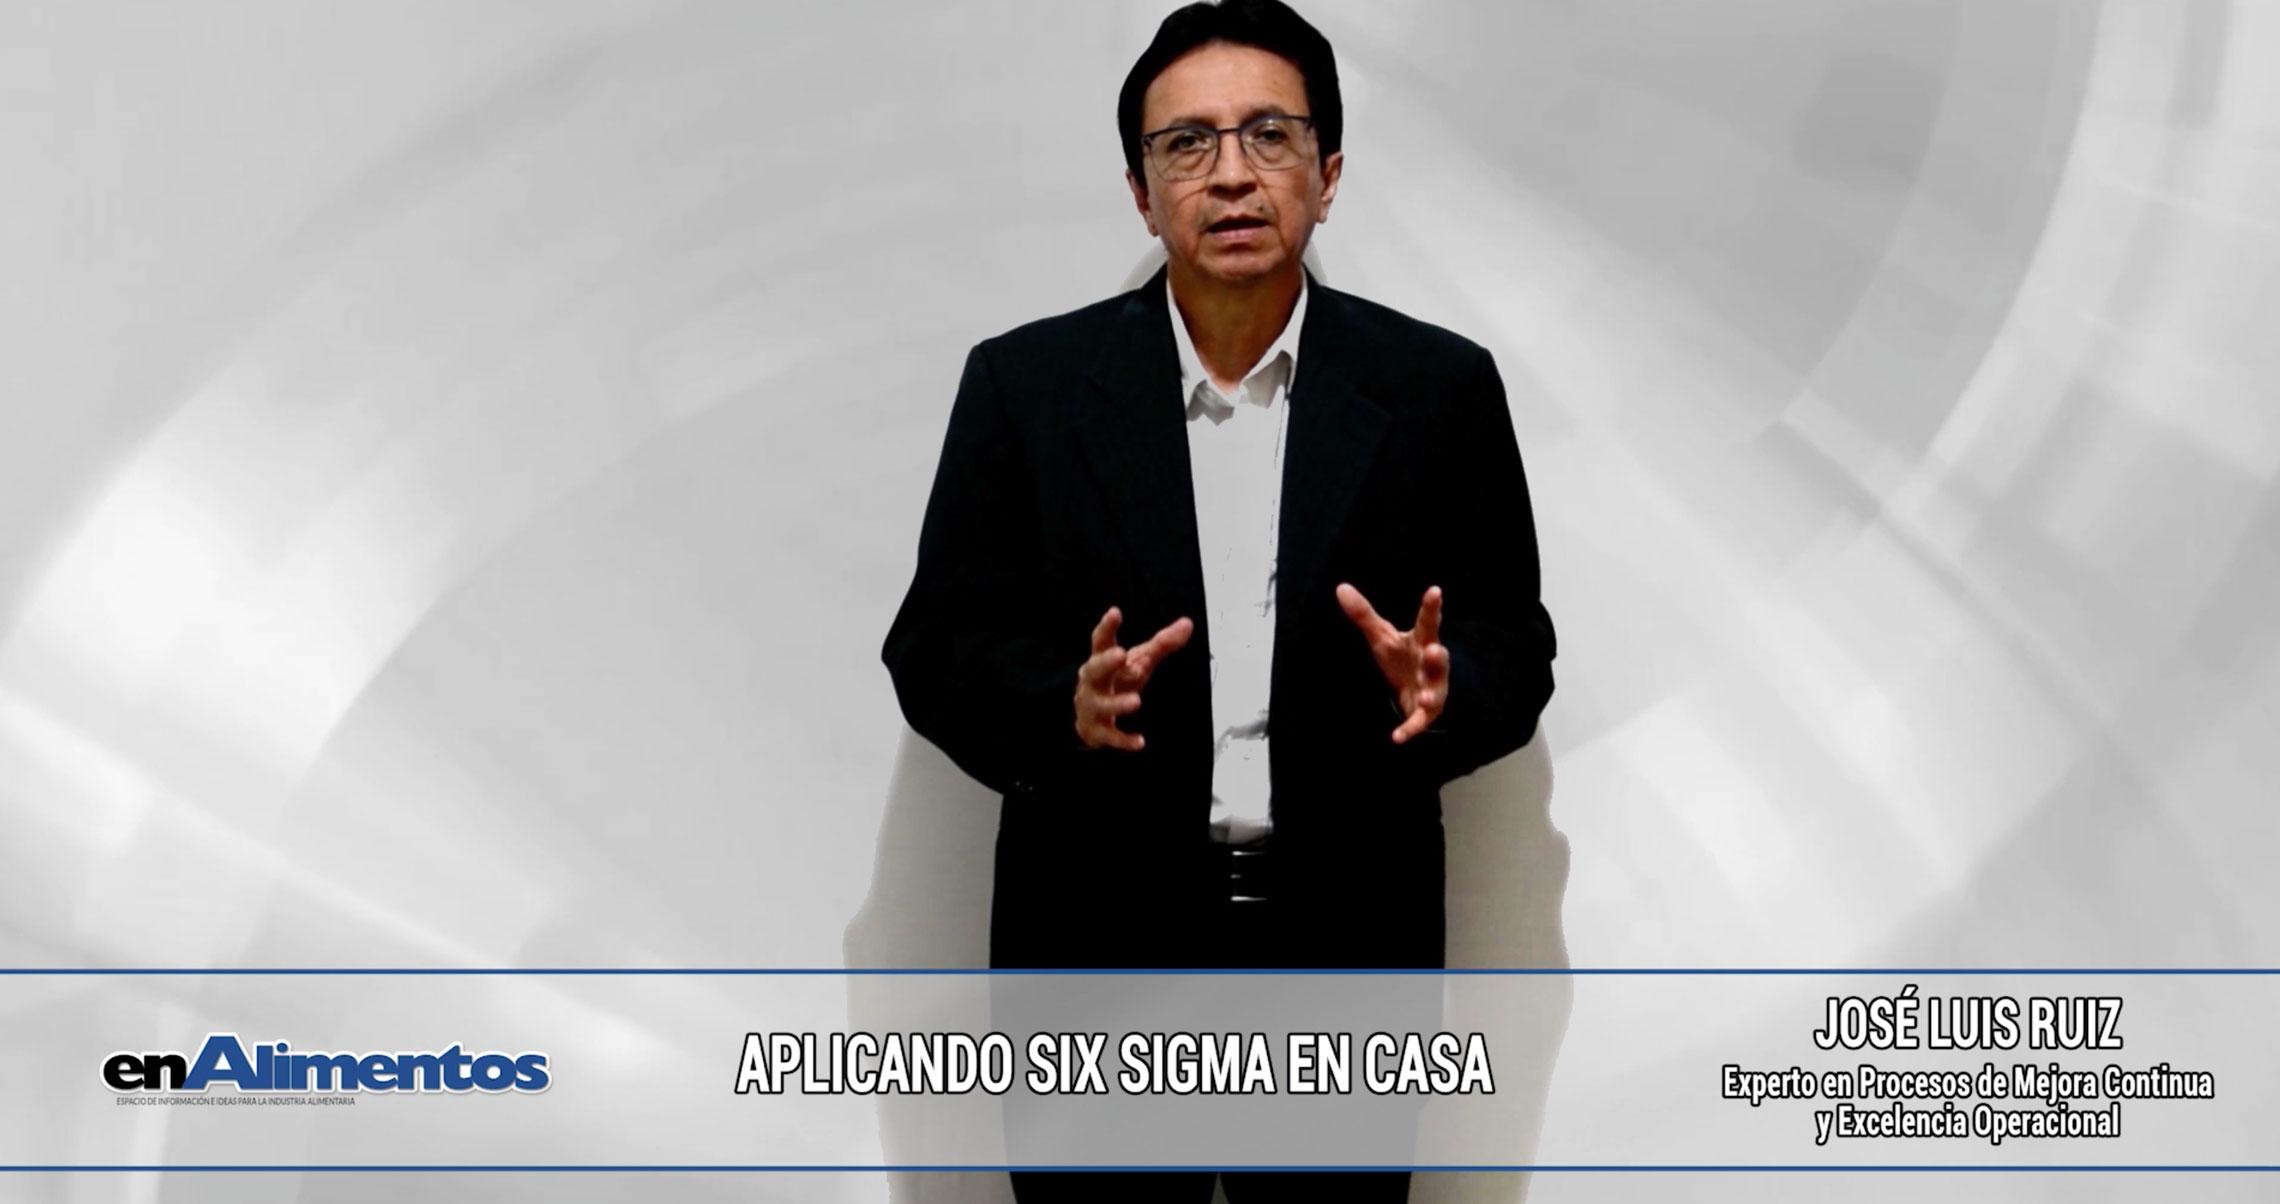 Aplicando Six Sigma en casa - José Luis Ruiz